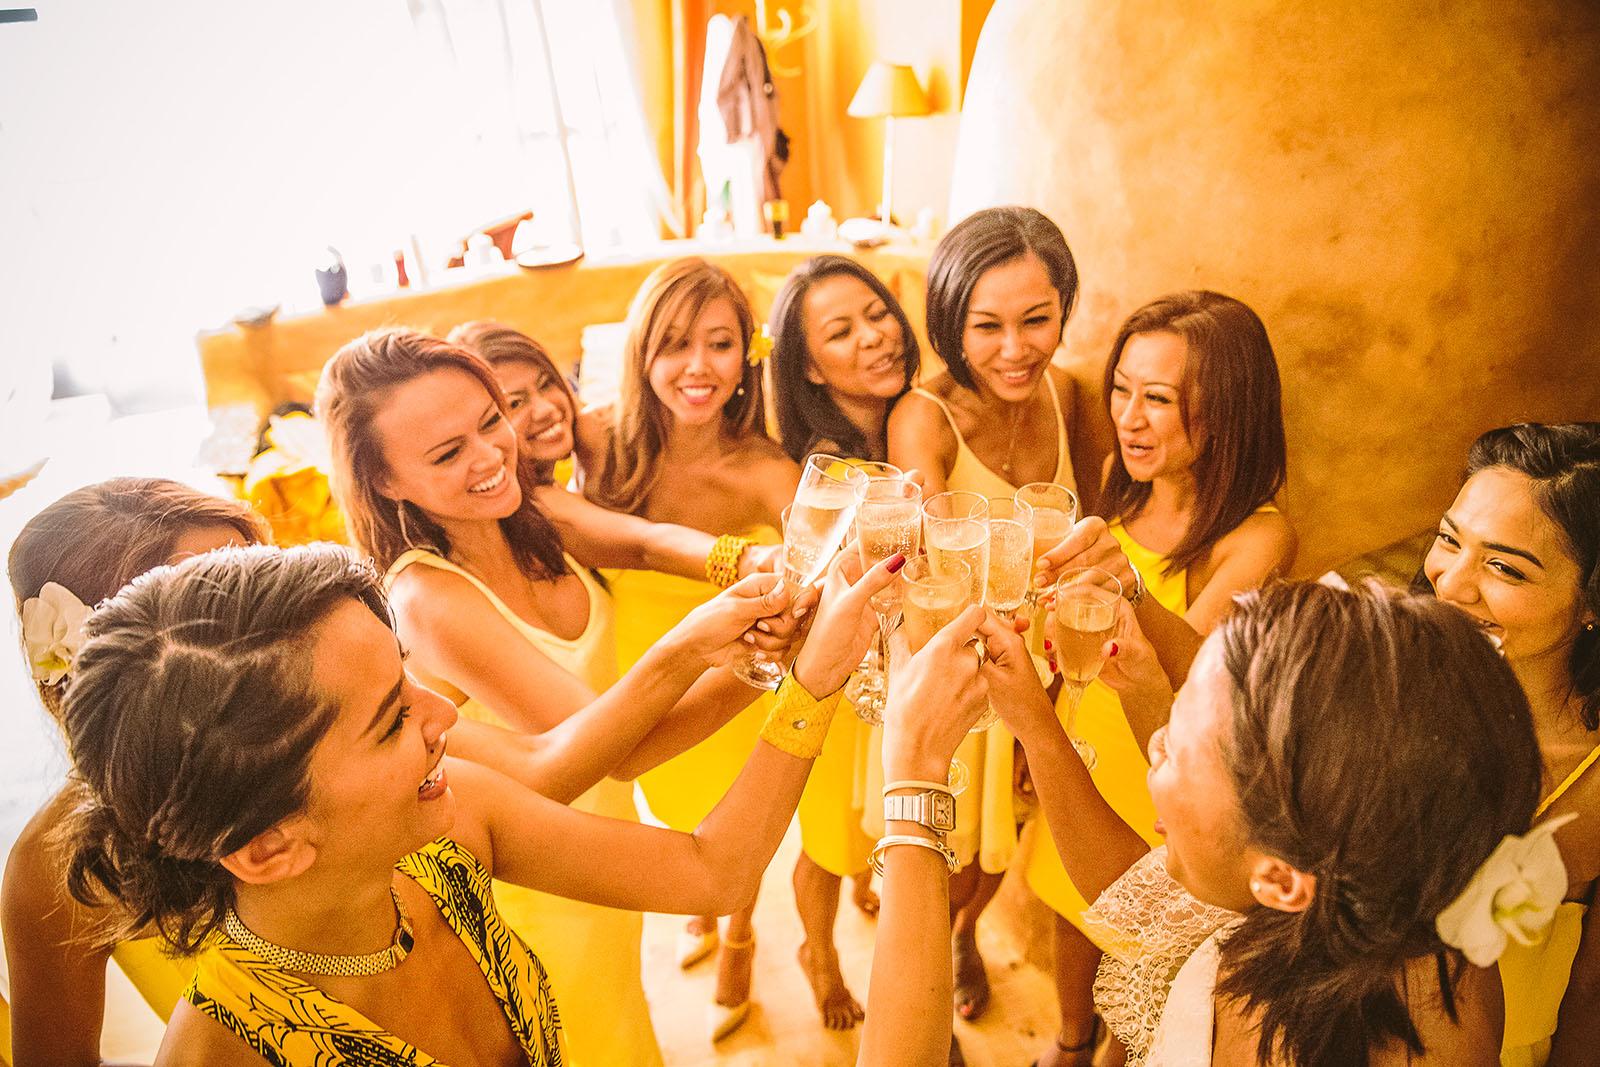 Mariage Mas de La Rouquette. David Pommier photographe de mariage. Les femmes et la mariée boivent le champagne pendant les préparatifs. Elles sont toutes habillées en jaune. Toutes venues de Singapour